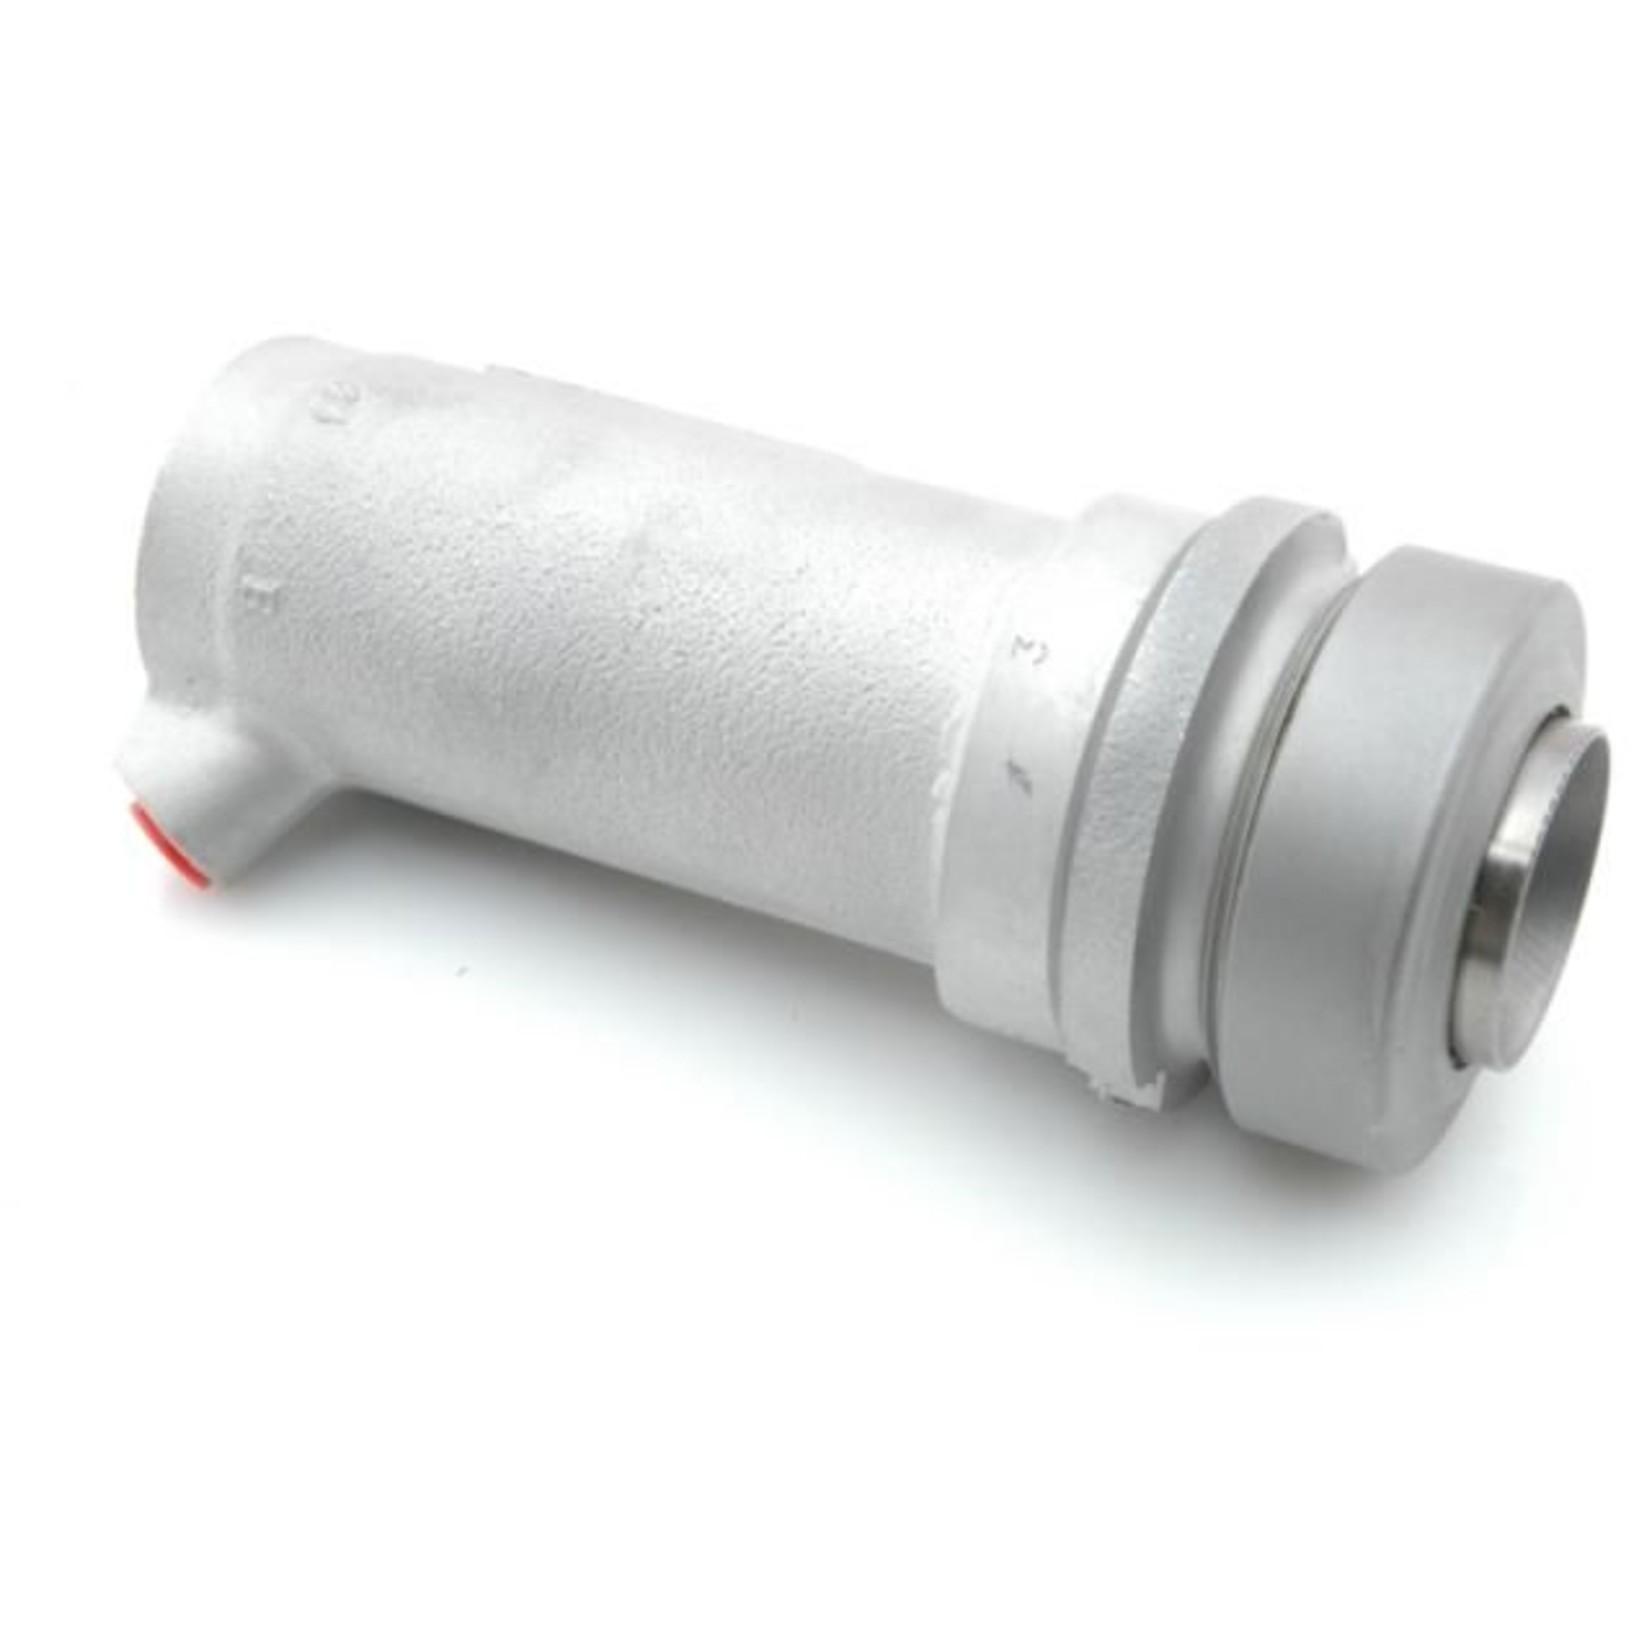 Cylindre suspension avant droit reconditionnée LHM Nr Org: DXN434016